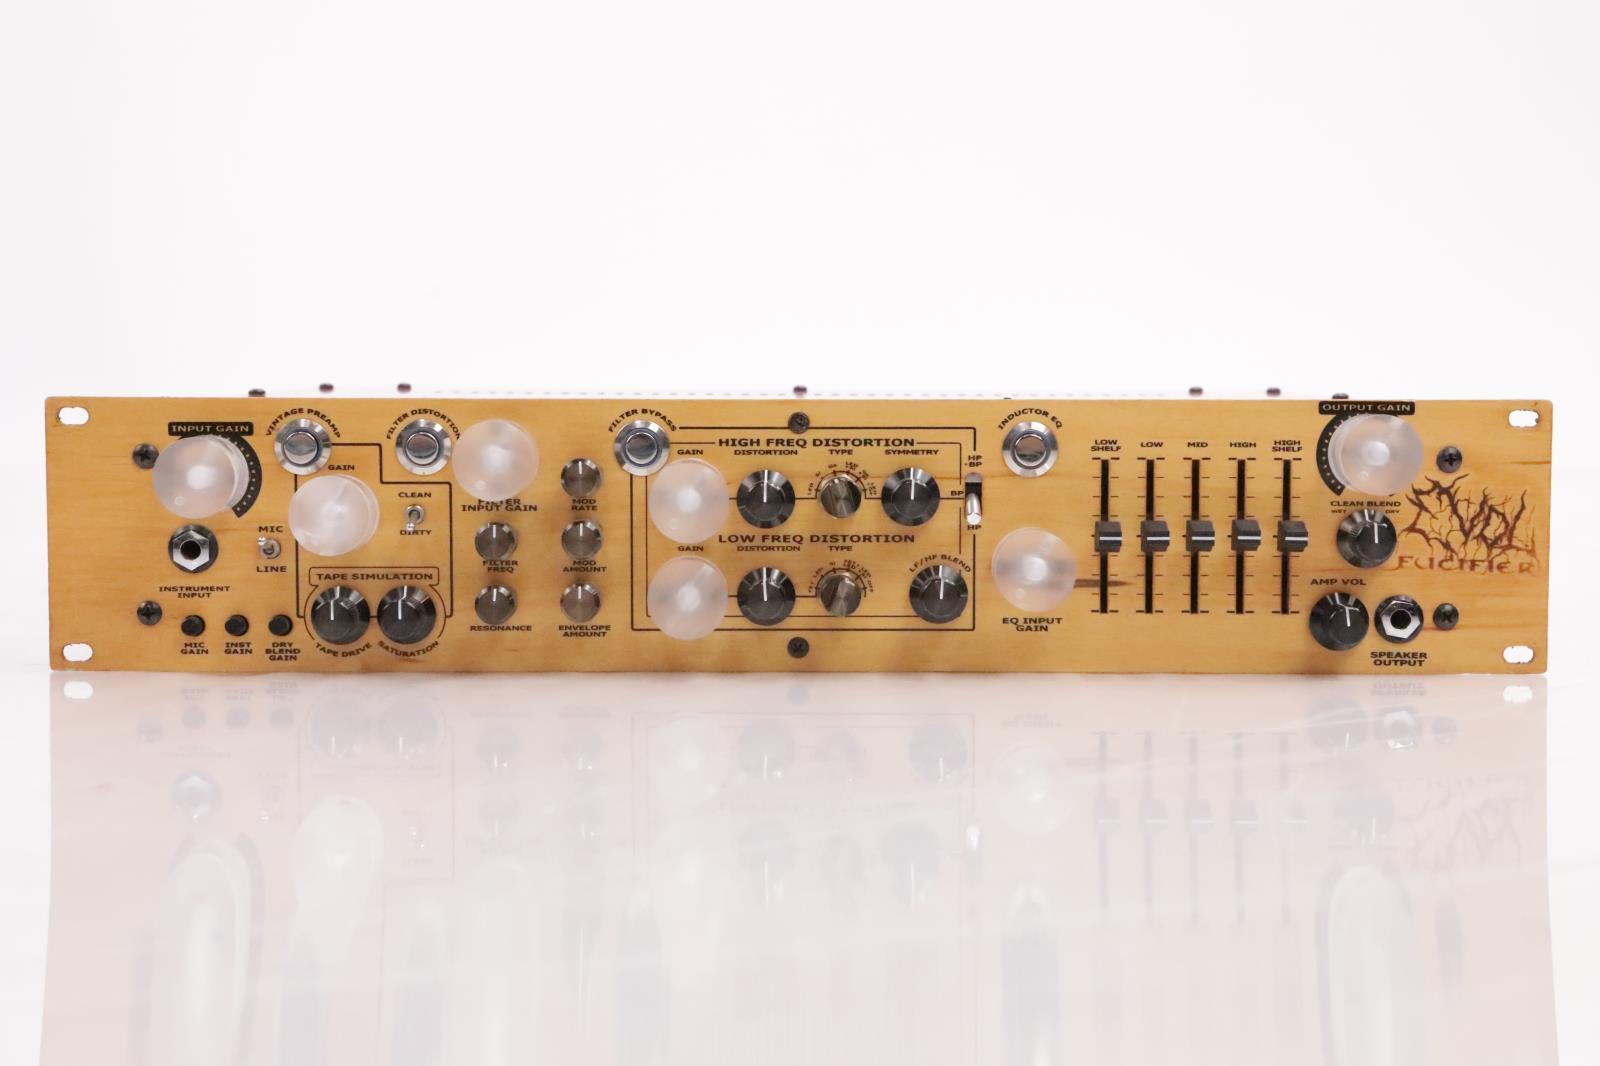 Evol Audio Fucifier Mic Pre Line Instrument Preamp & Distortion Processor #36204